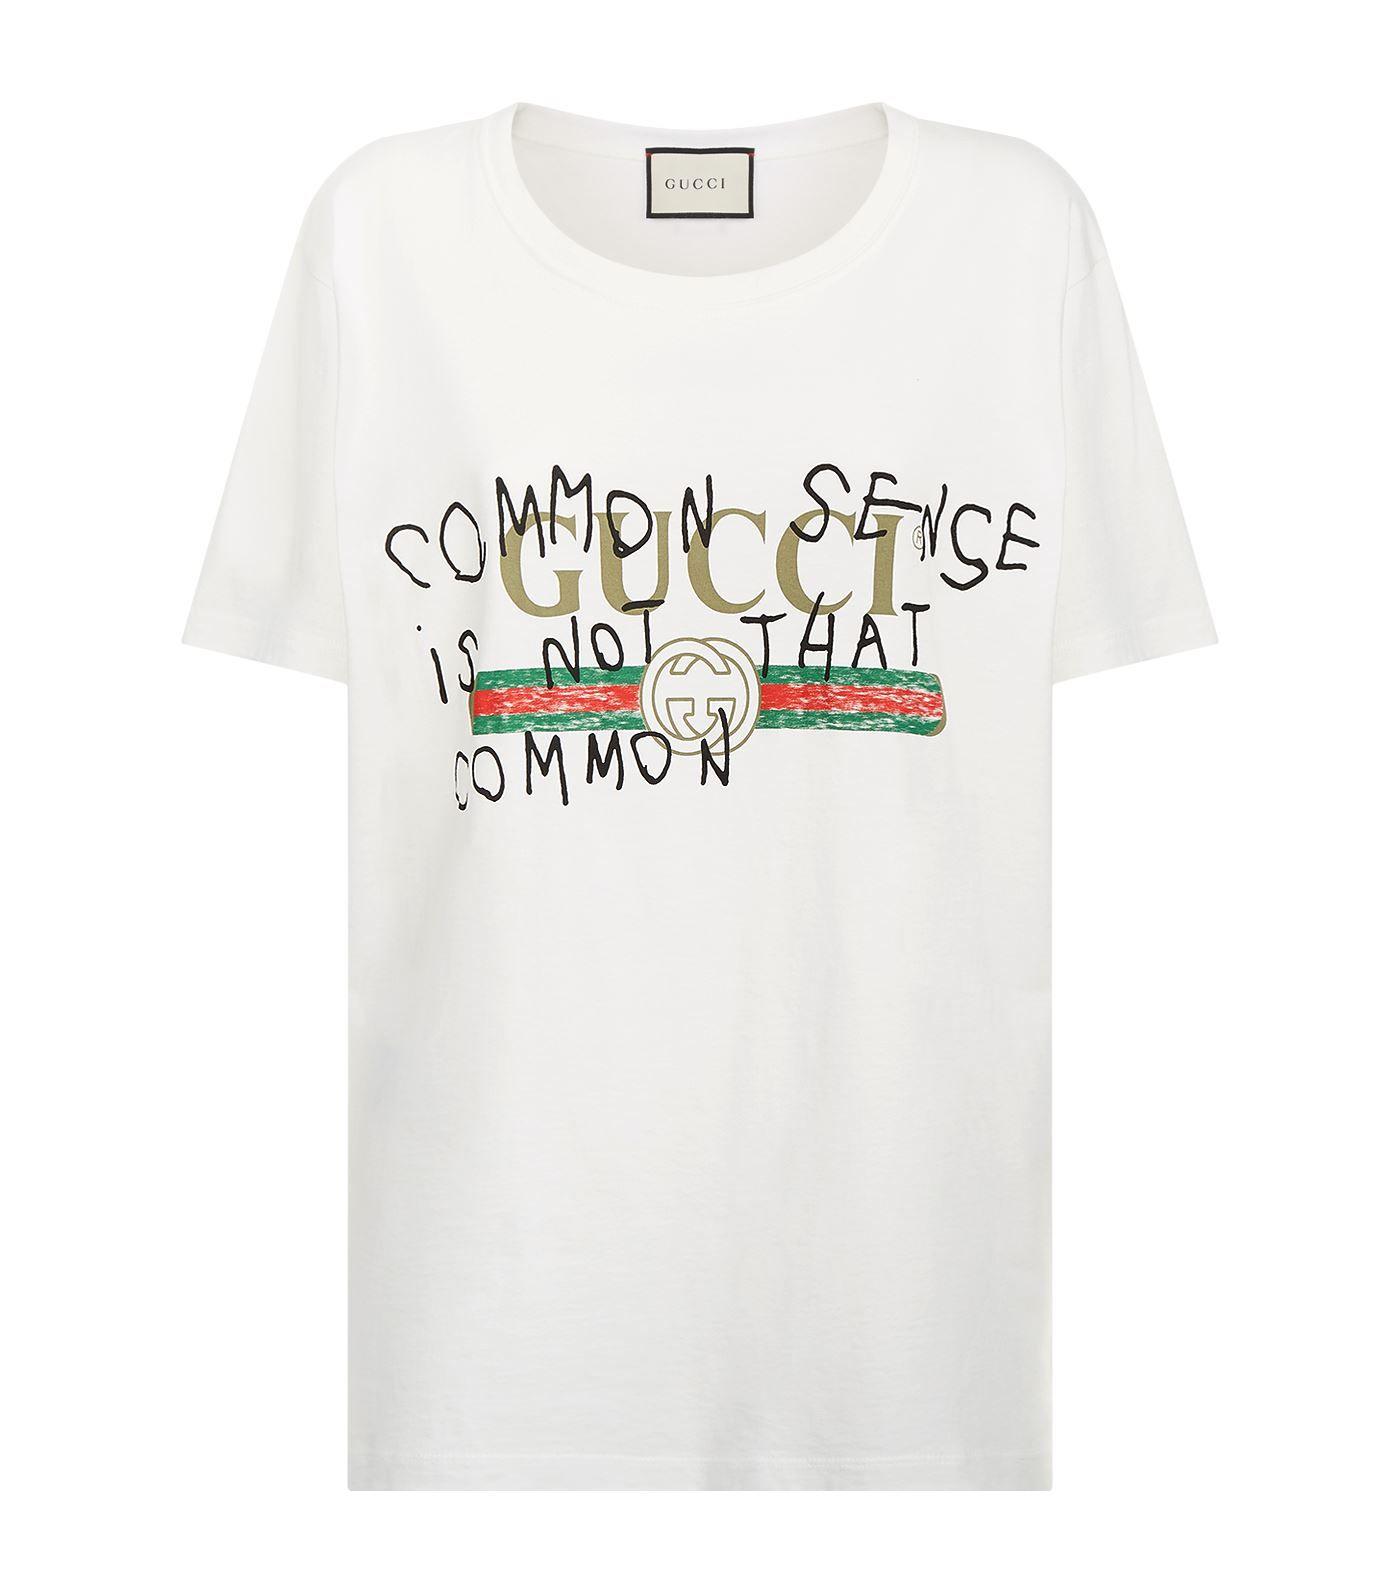 d19d2a9c082 Gucci Slogan Logo Print T-Shirt